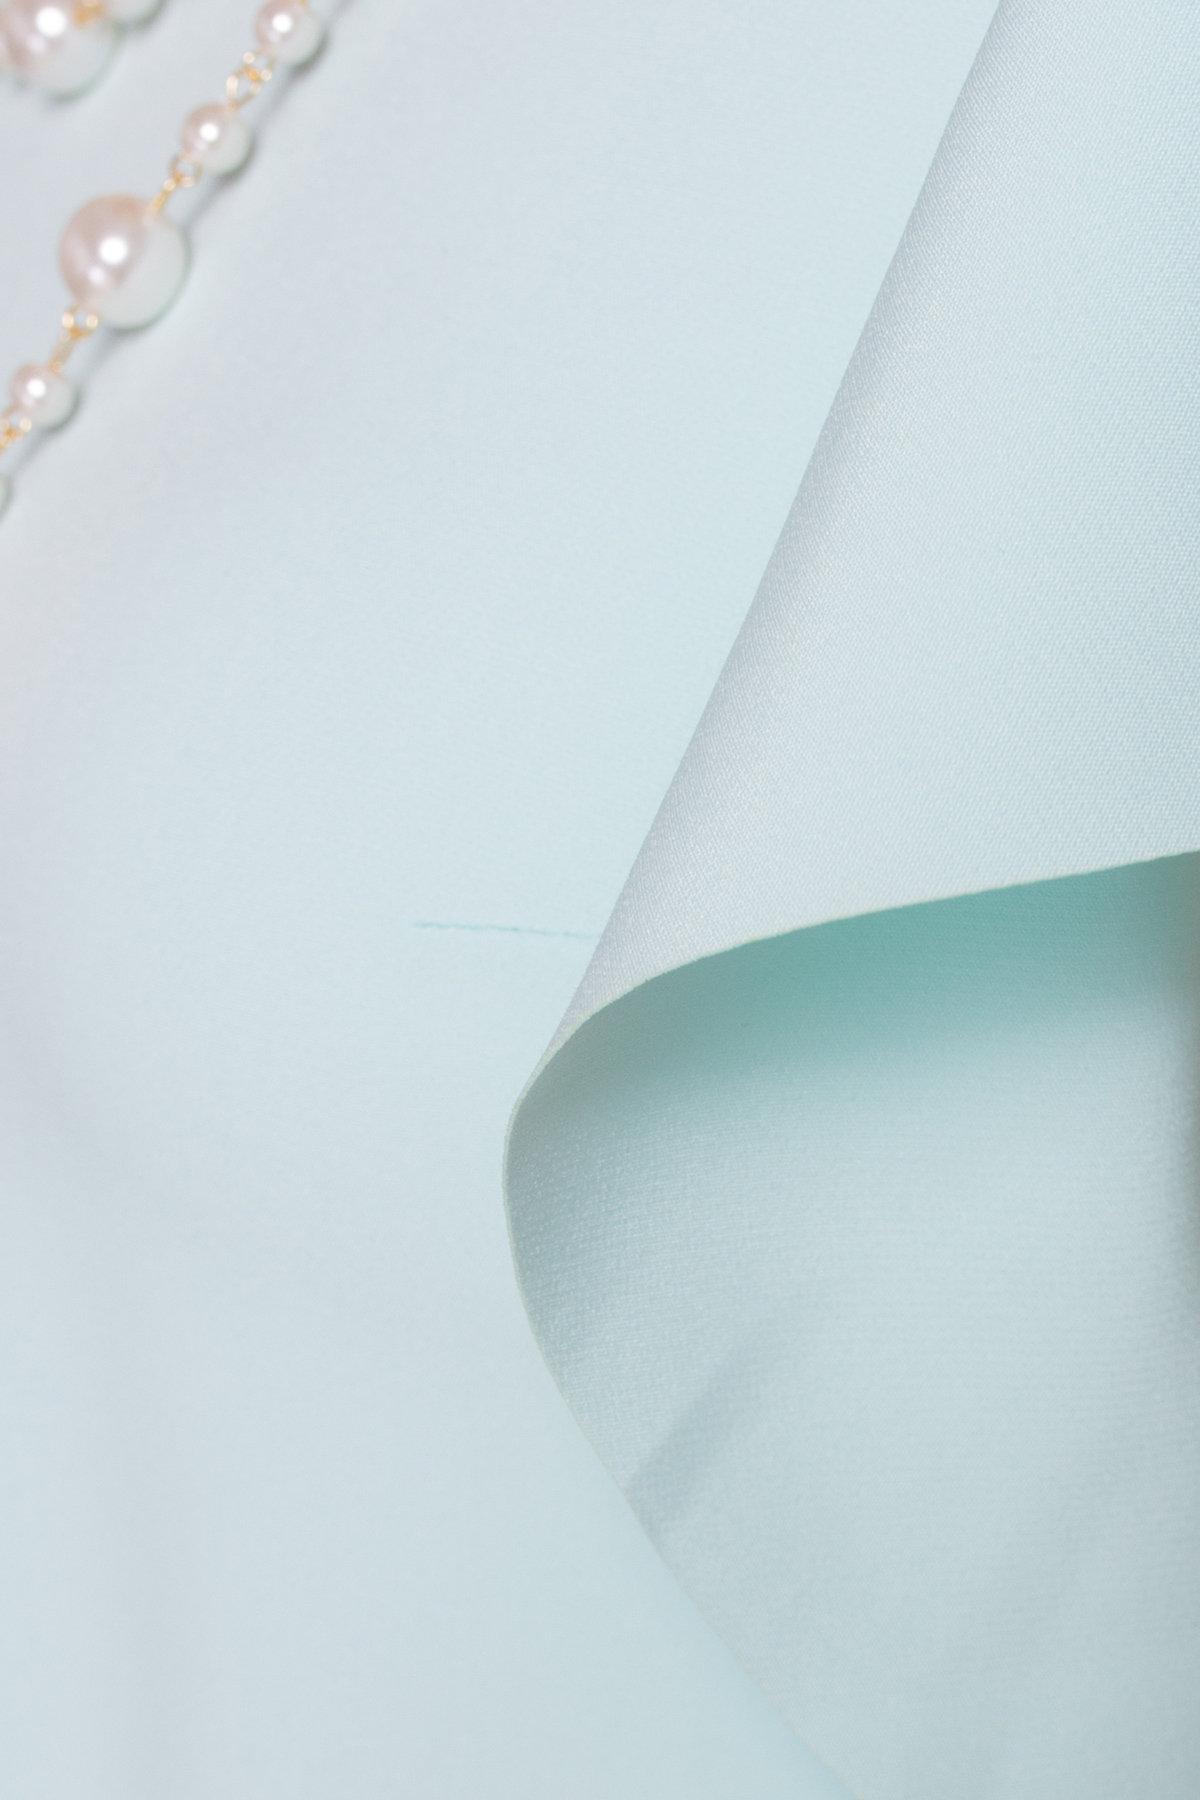 Платье с короткими рукавами летучая мышь Айла  4878 Цвет: Мята